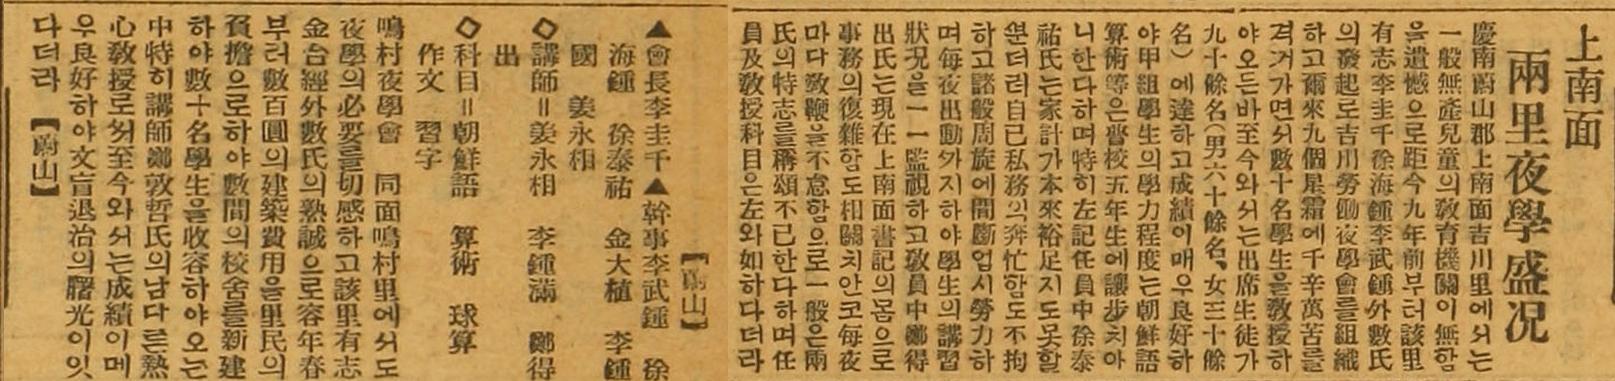 中外日報19280110_4_上南面兩里夜學盛况_이무종.jpg